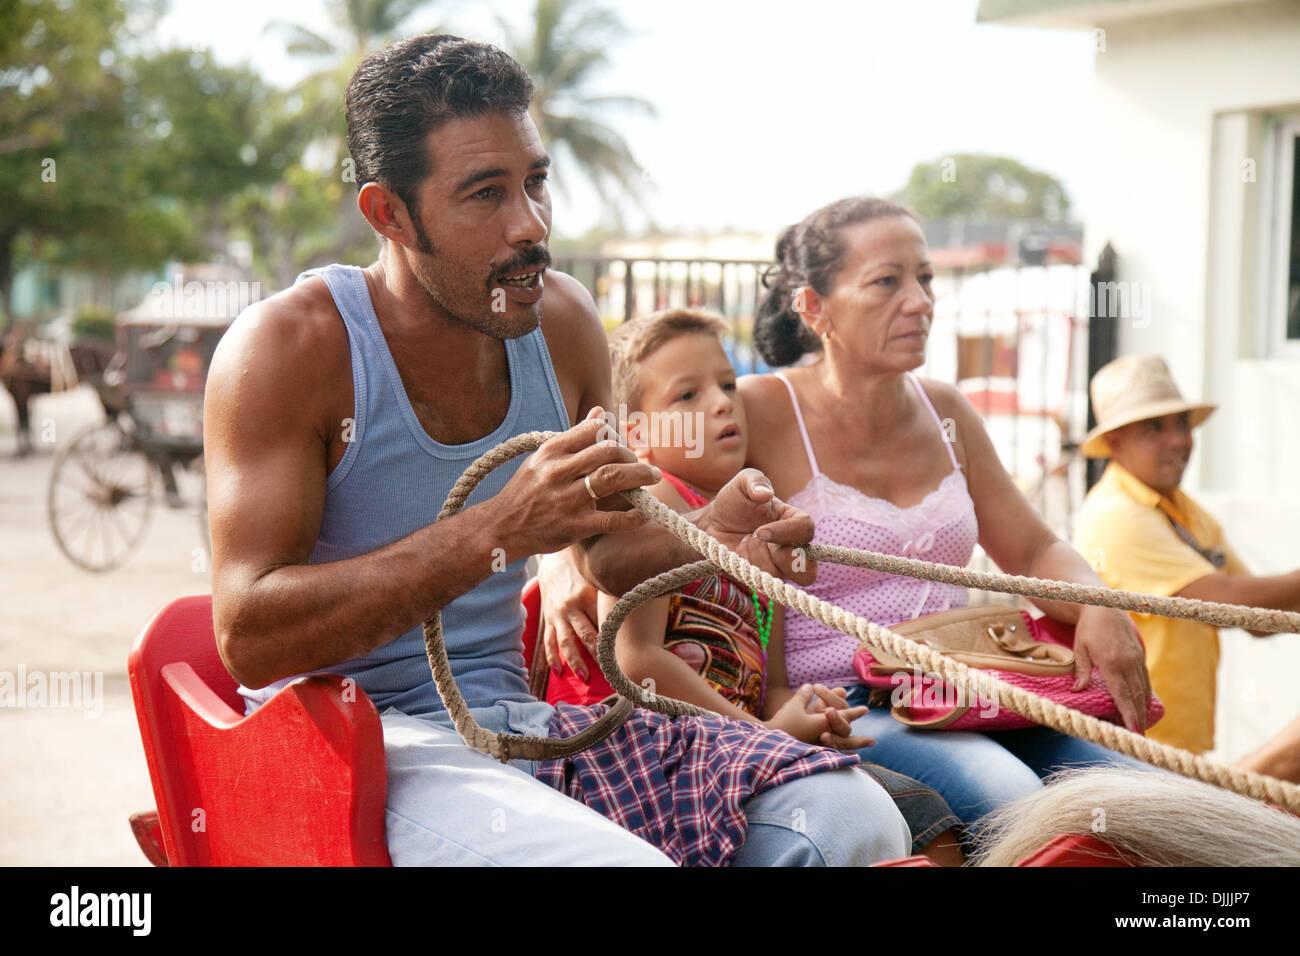 Eine kubanische Familie bestehend aus Mutter, Vater und Sohn, in einer Pferdekutsche, Havanna, Kuba, Karibik Stockbild